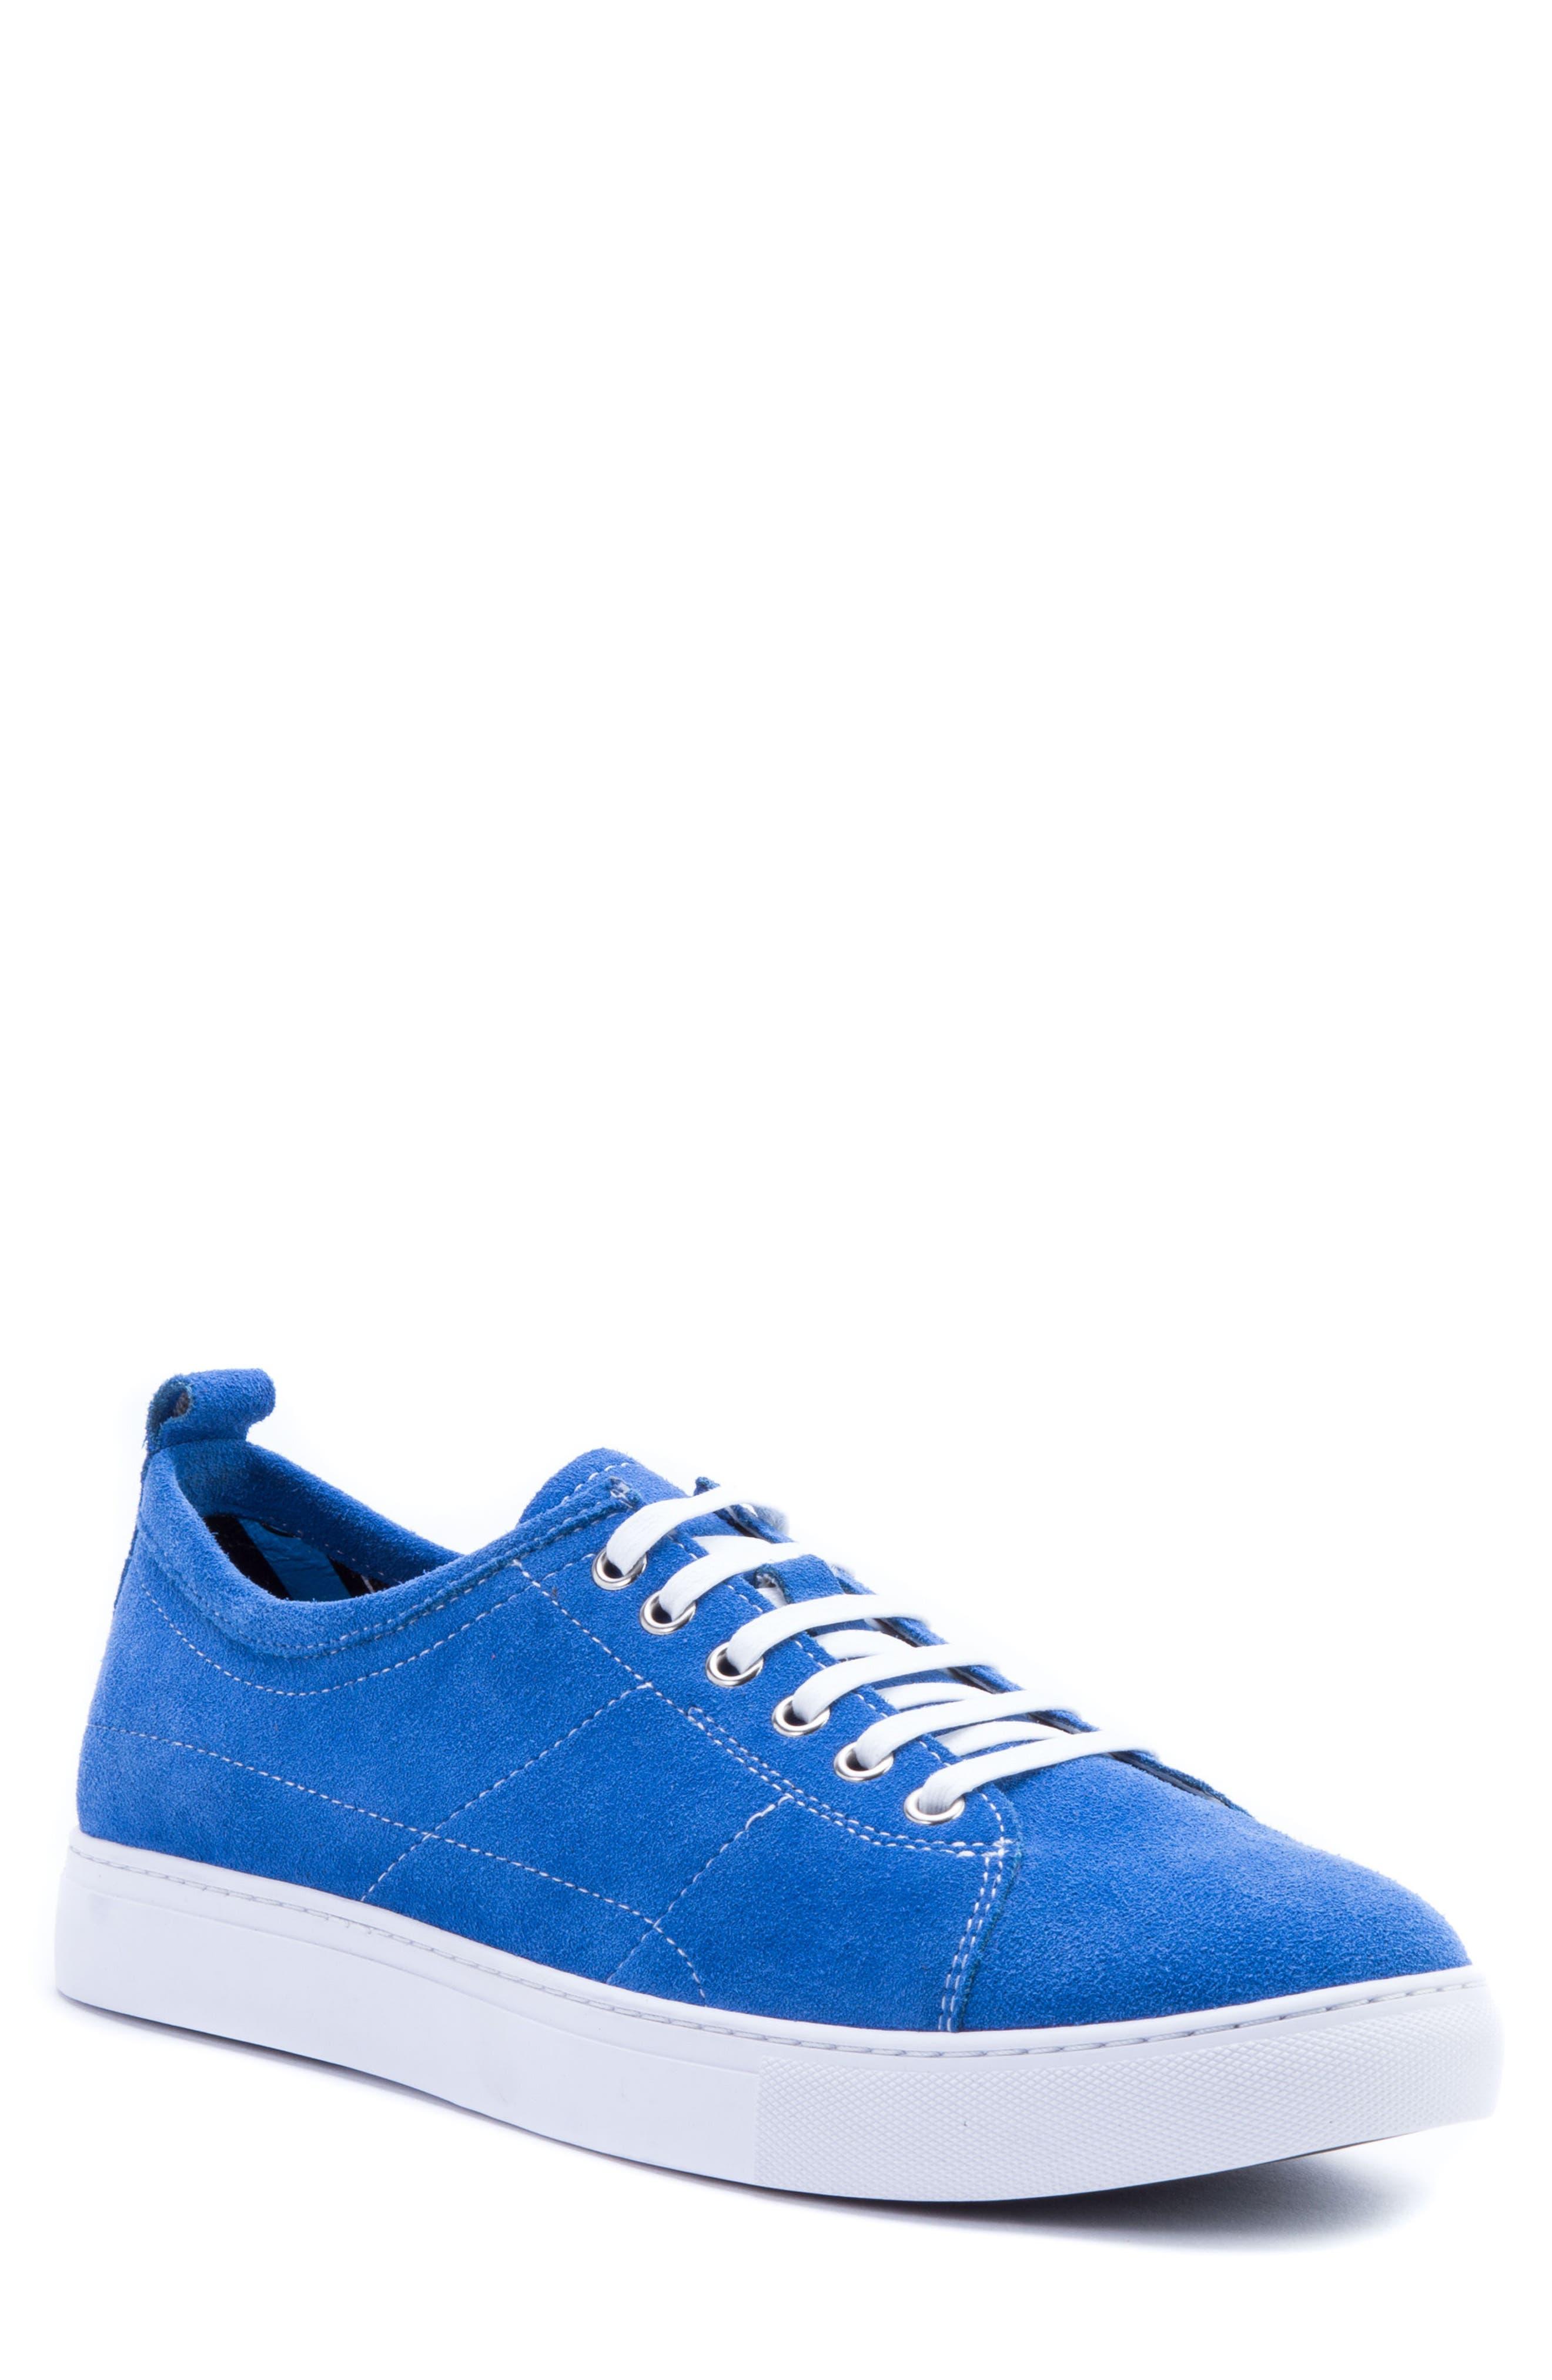 Ernesto Low Top Sneaker,                         Main,                         color, ROYAL SUEDE